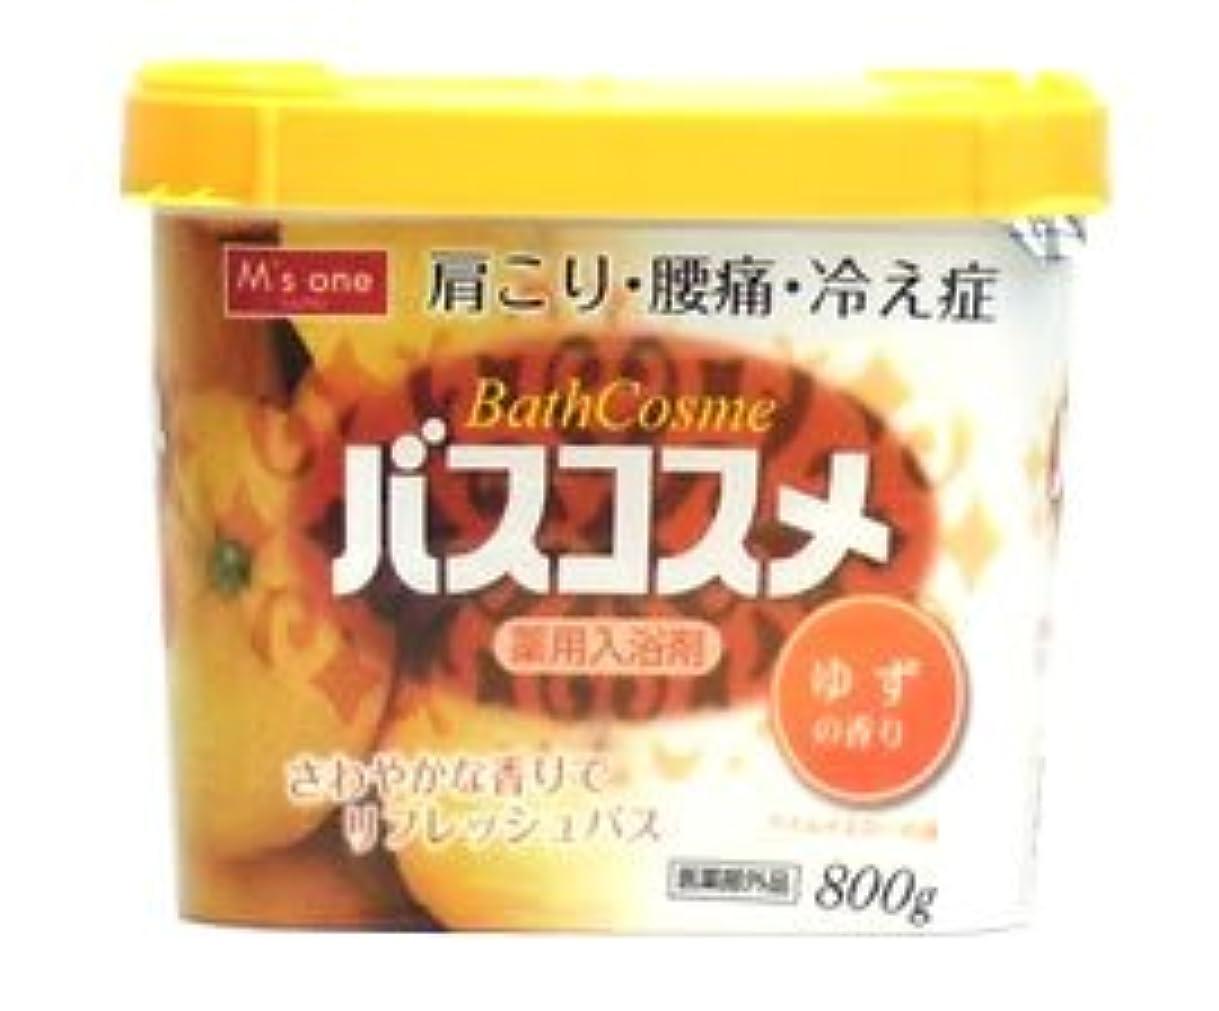 オーブンネズミチョコレートエムズワン バスコスメ 薬用入浴剤 ゆずの香り (800g) 【医薬部外品】